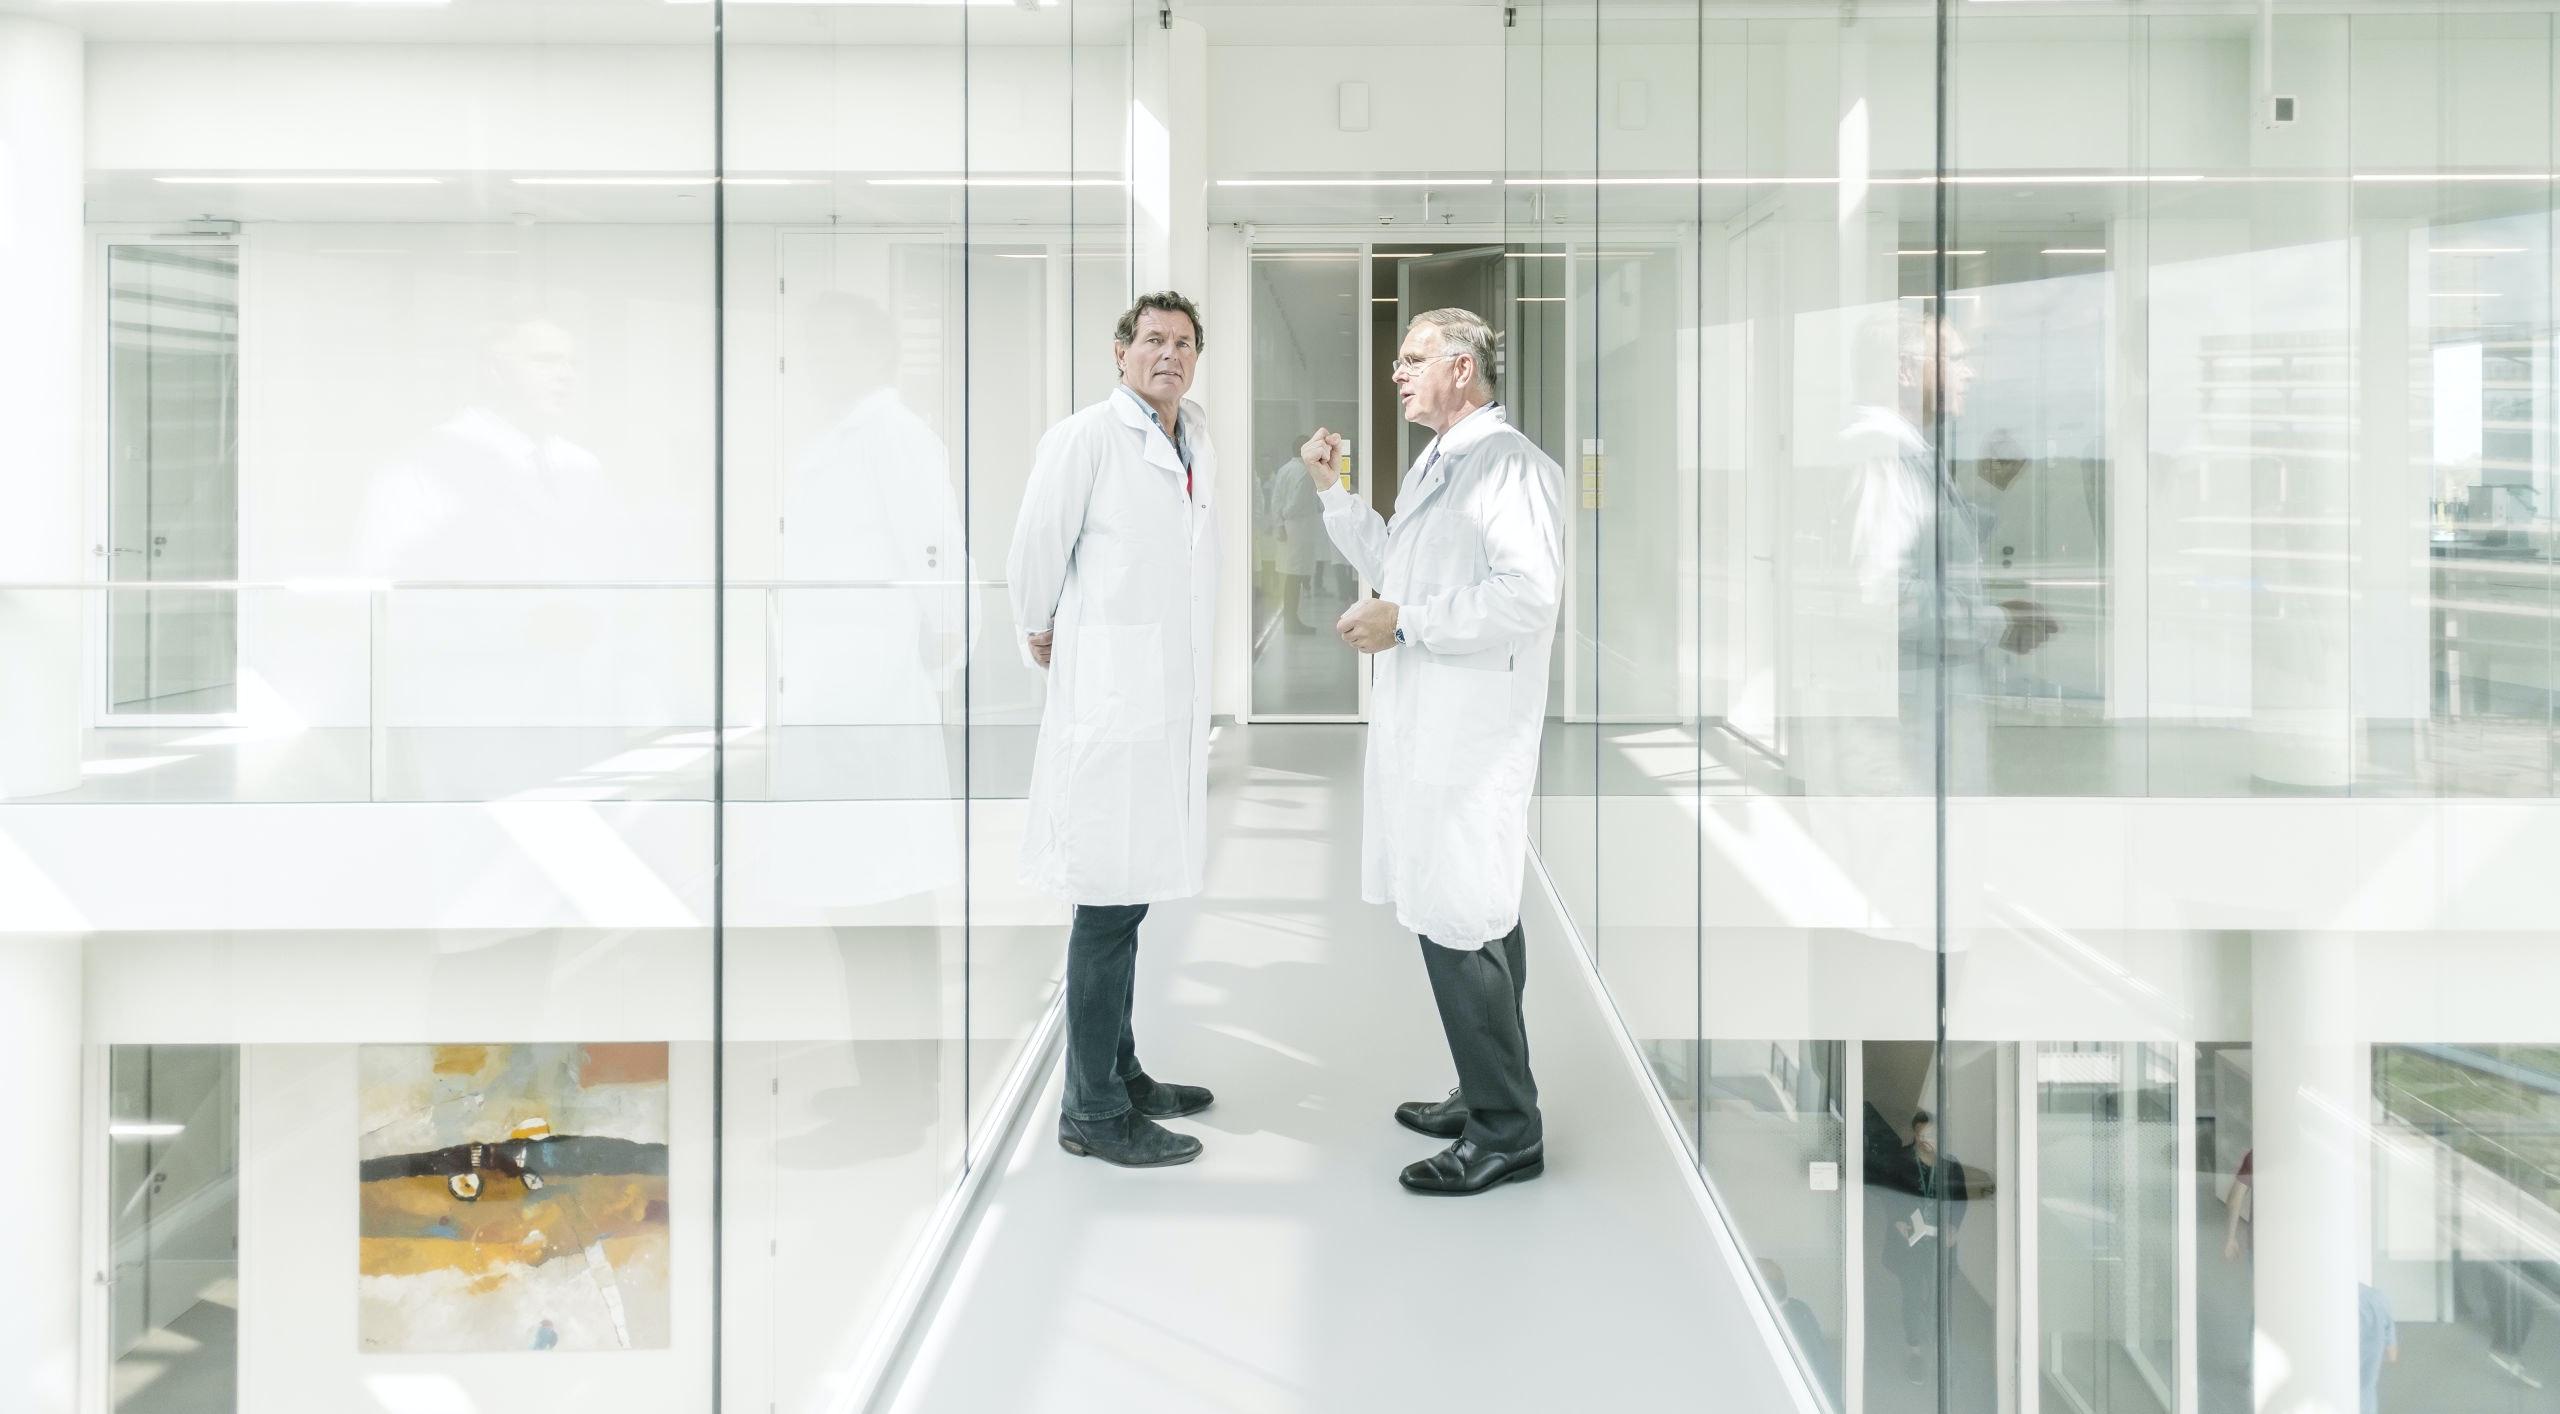 Jan van de Winkel (ceo Genmab, rechts) geeft een rondleiding aan Onno van de Stolpe (ceo Galapagos) in het nieuwe kantoor van Genmab in Utrecht.